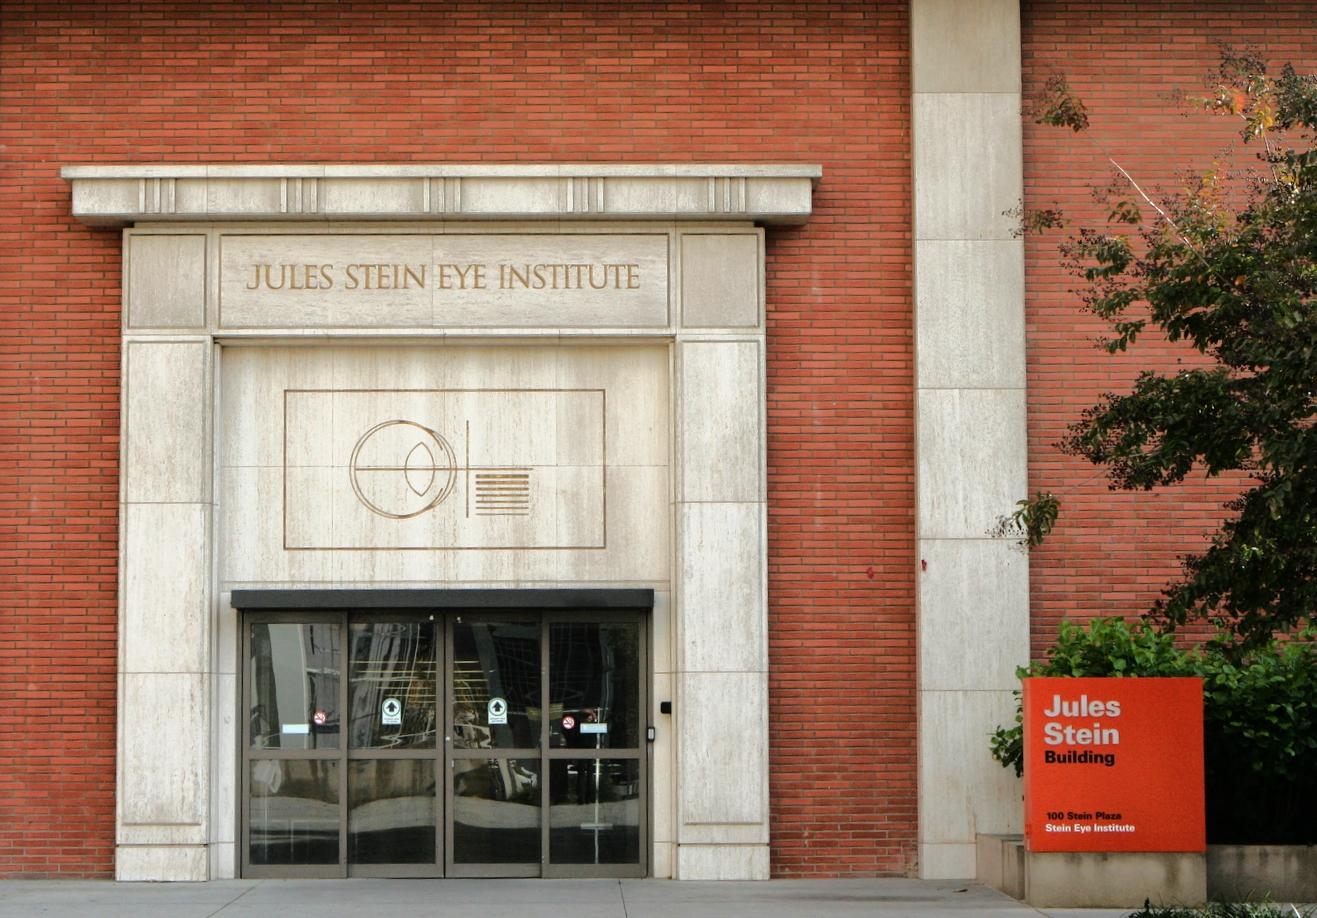 Jules-Stein-eye-institute